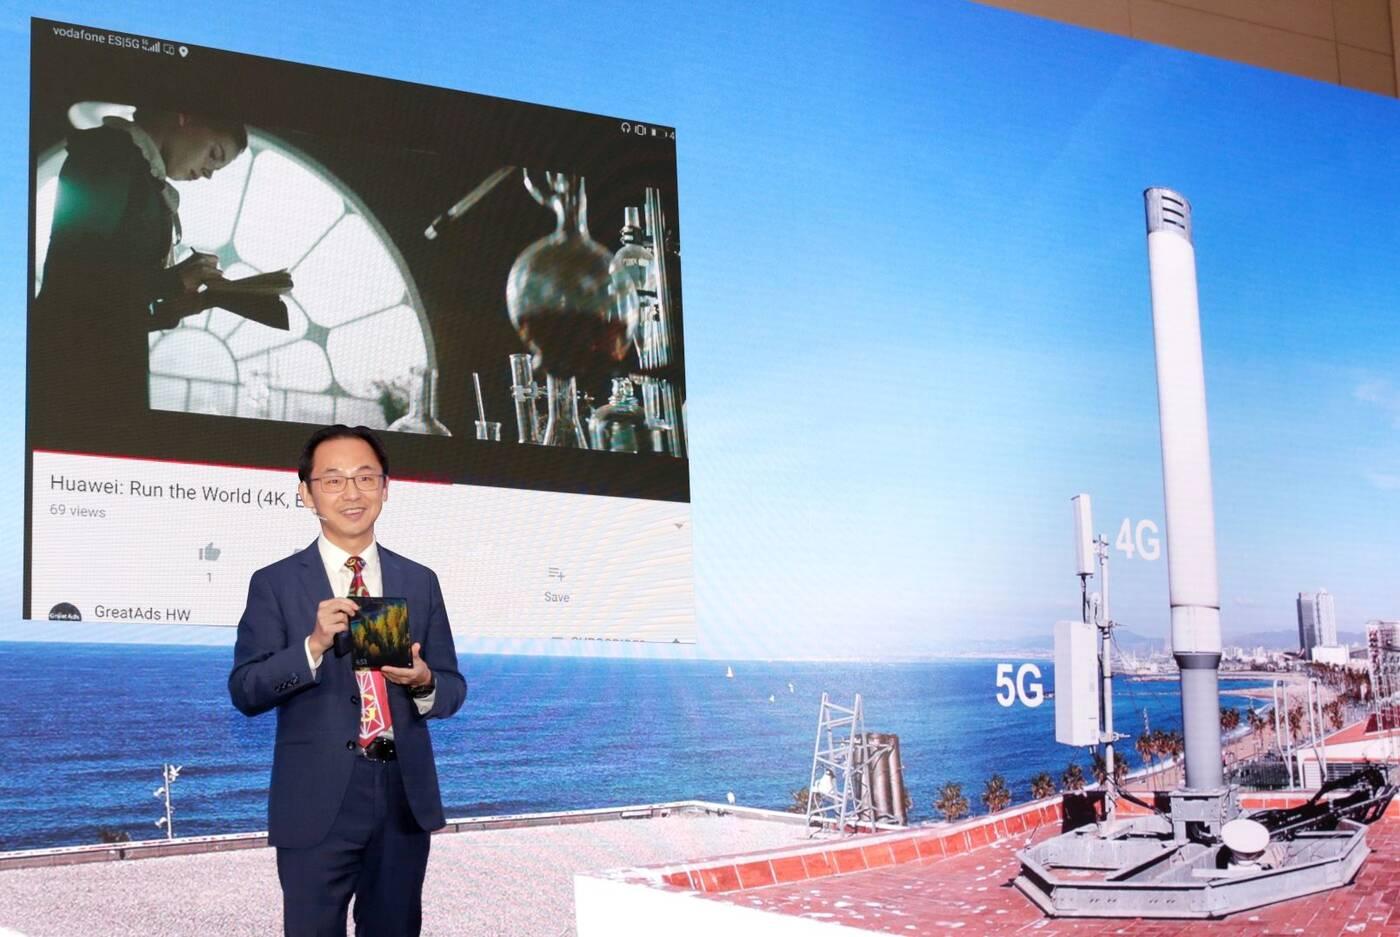 Huawei, 5G Huawei, sieć 5G Huawei, streamowanie 5G, streamowanie Huawei, streamowanie sieć 5G